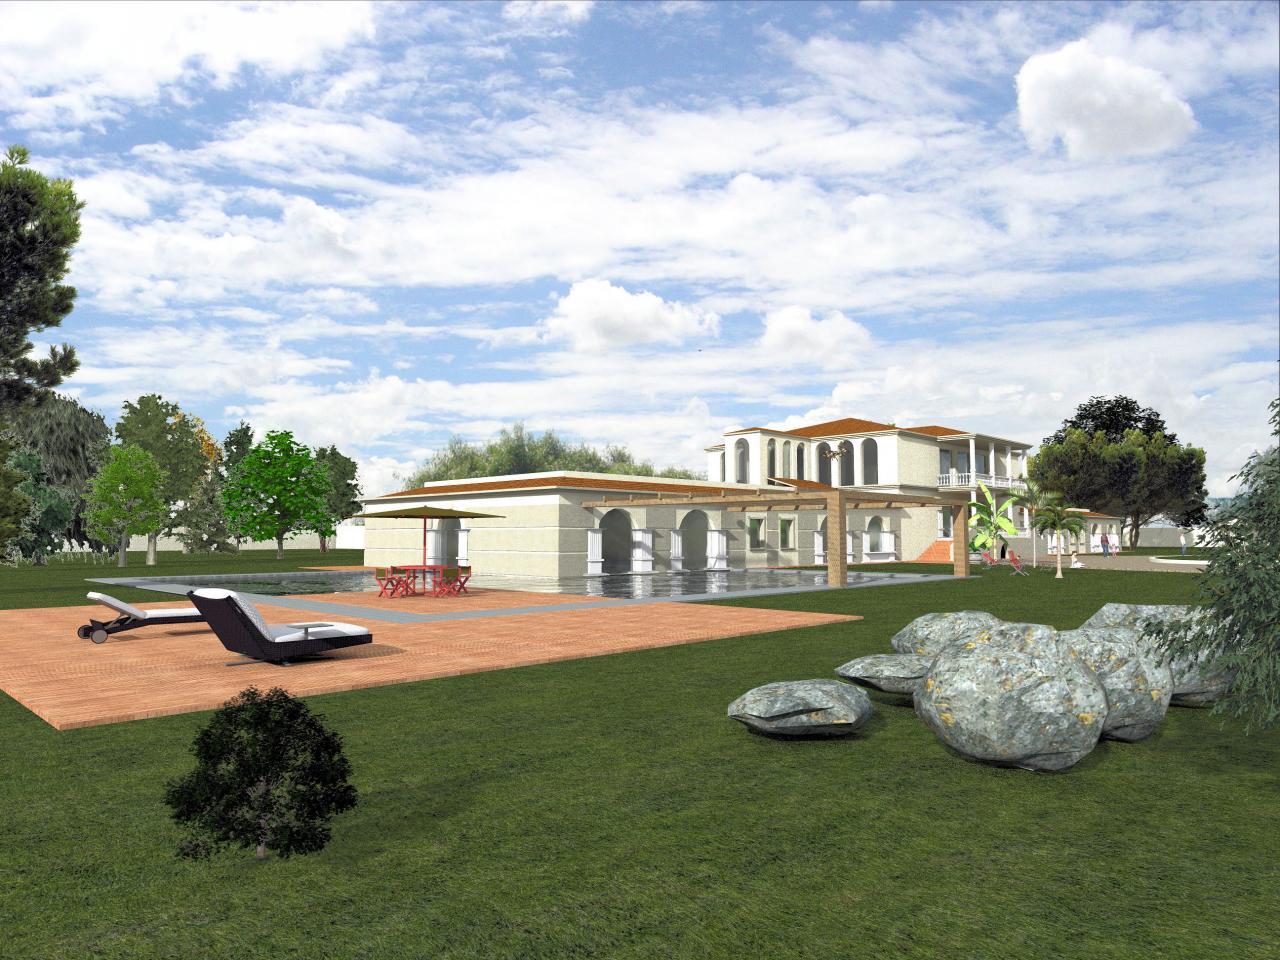 Terreno Edificabile Residenziale in vendita a Montignoso, 9999 locali, zona Zona: Cinquale, prezzo € 1.550.000 | Cambio Casa.it